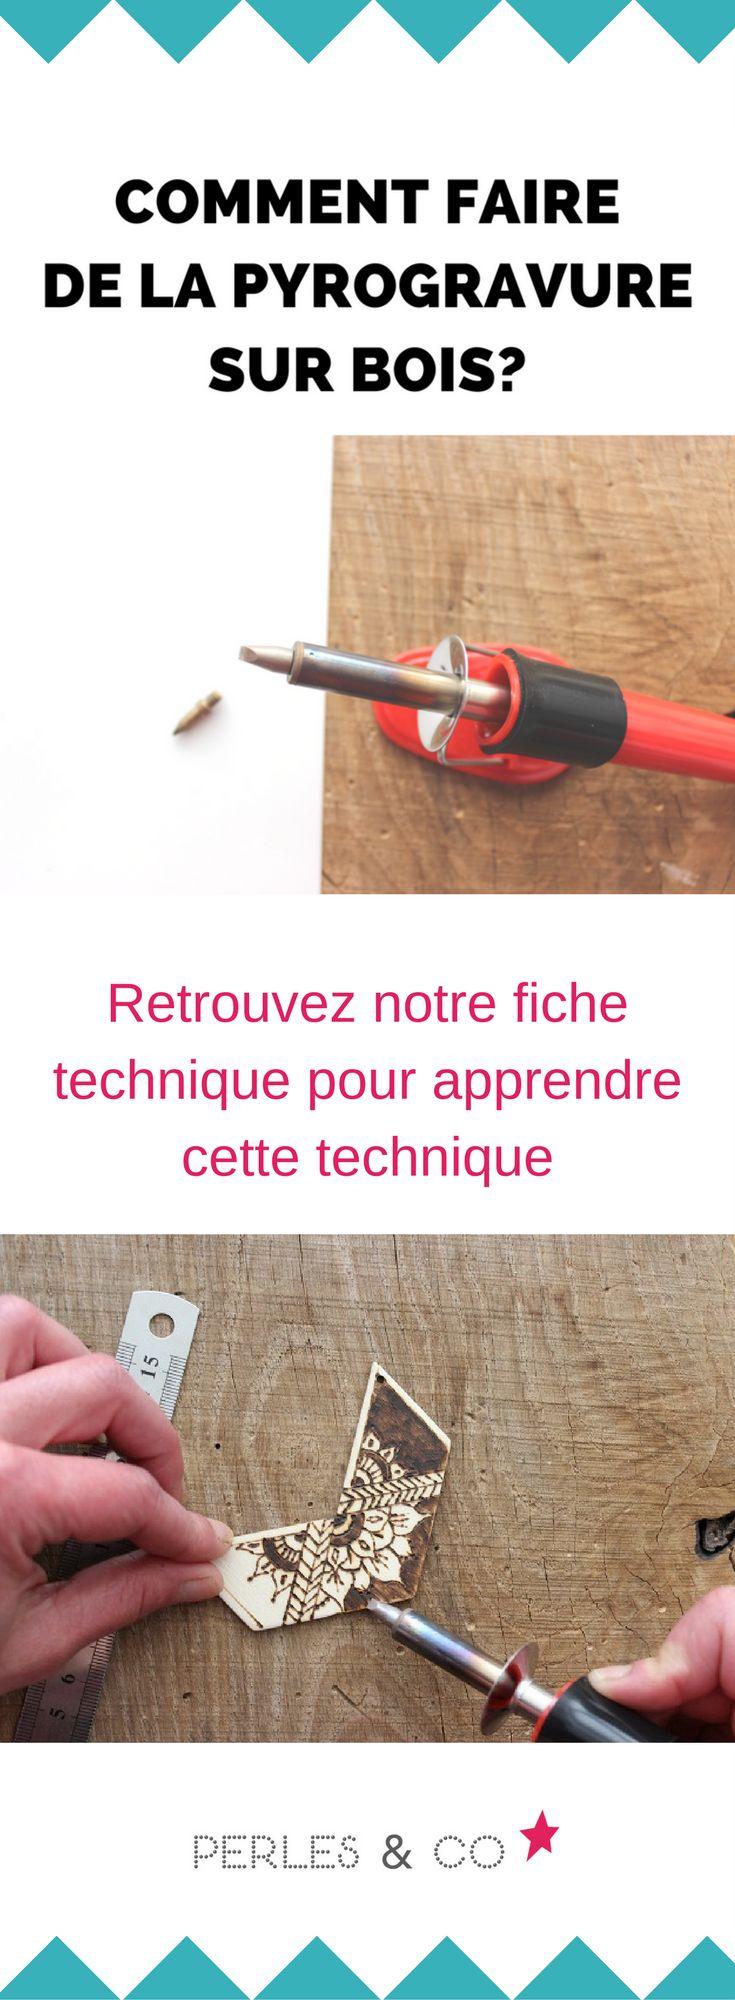 comment faire de la pyrogravure? Voici une fiche technique qui vous explique les trucs et les astuces pour réaliser de la pyrogravure sur bois. #pyrogravure #conseil #truc #astuce #technique #tutoriel #pyrograveur #bois #bijoux #diy